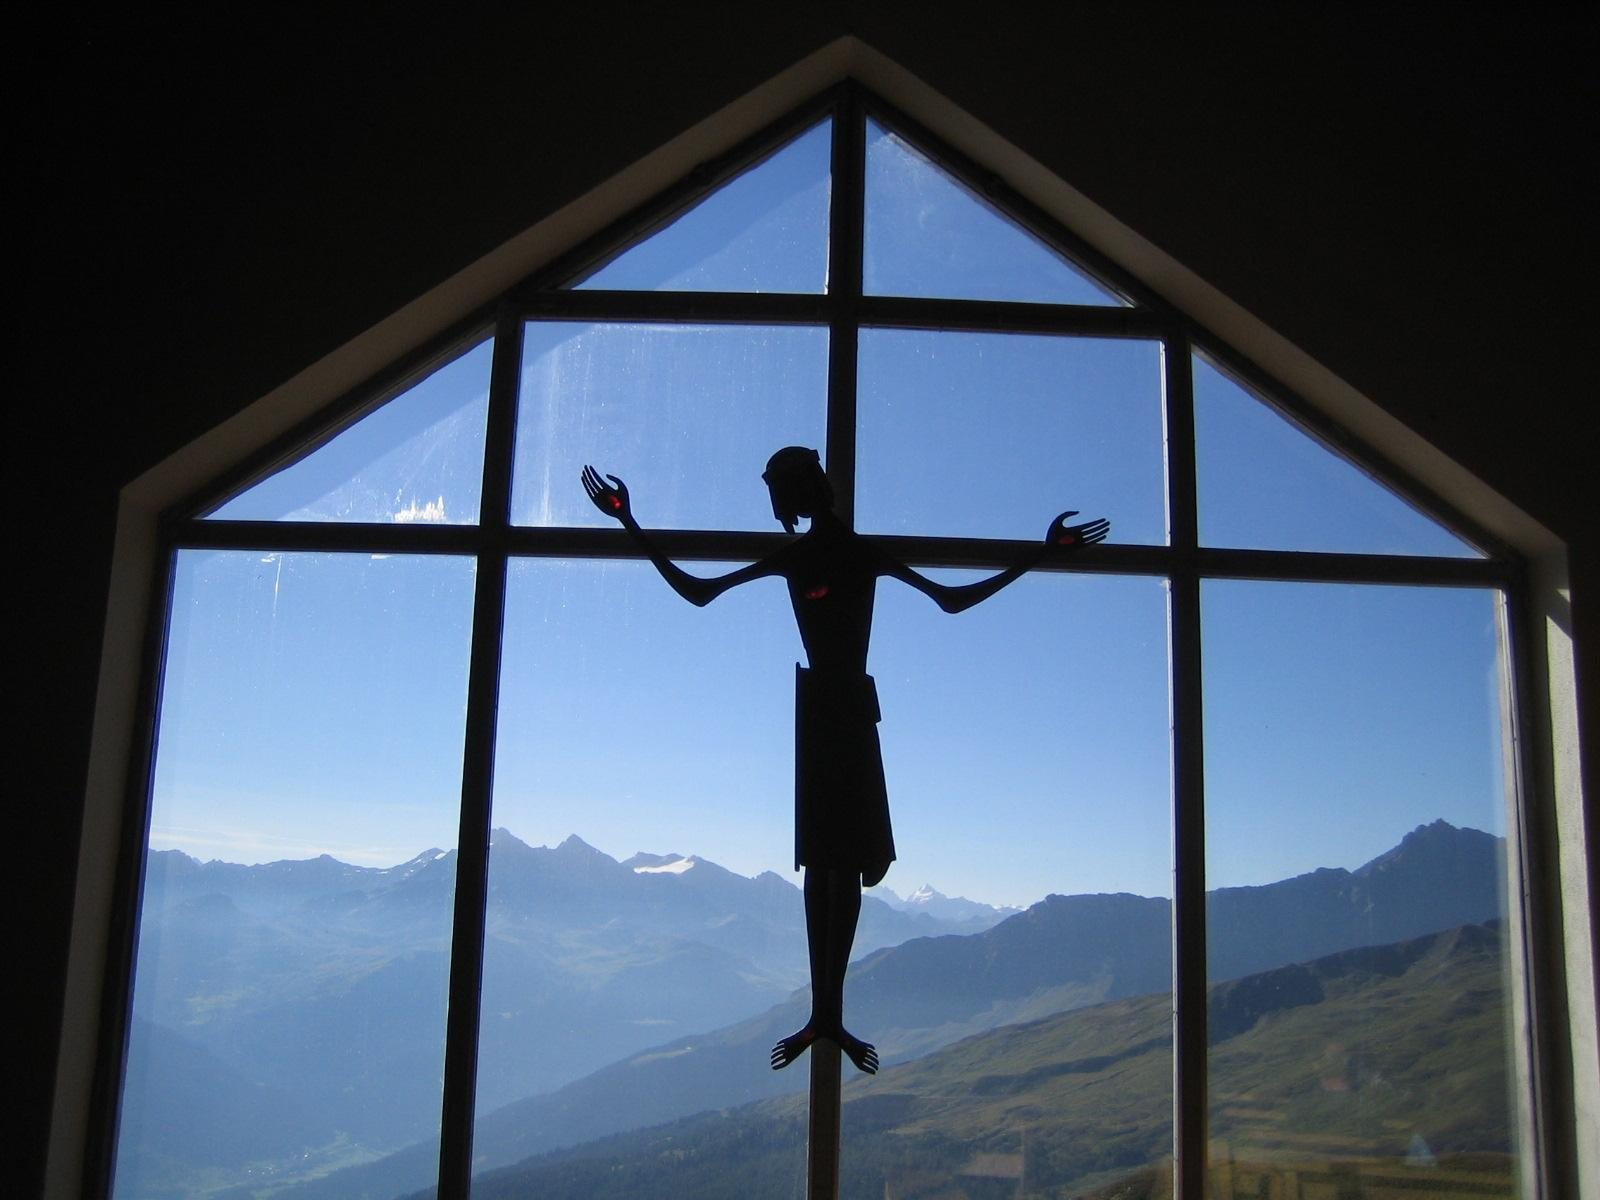 Santa María Madre de Ziteil, la Peregrinación más Alta de Europa, Suiza (26 jun, 16 jul)